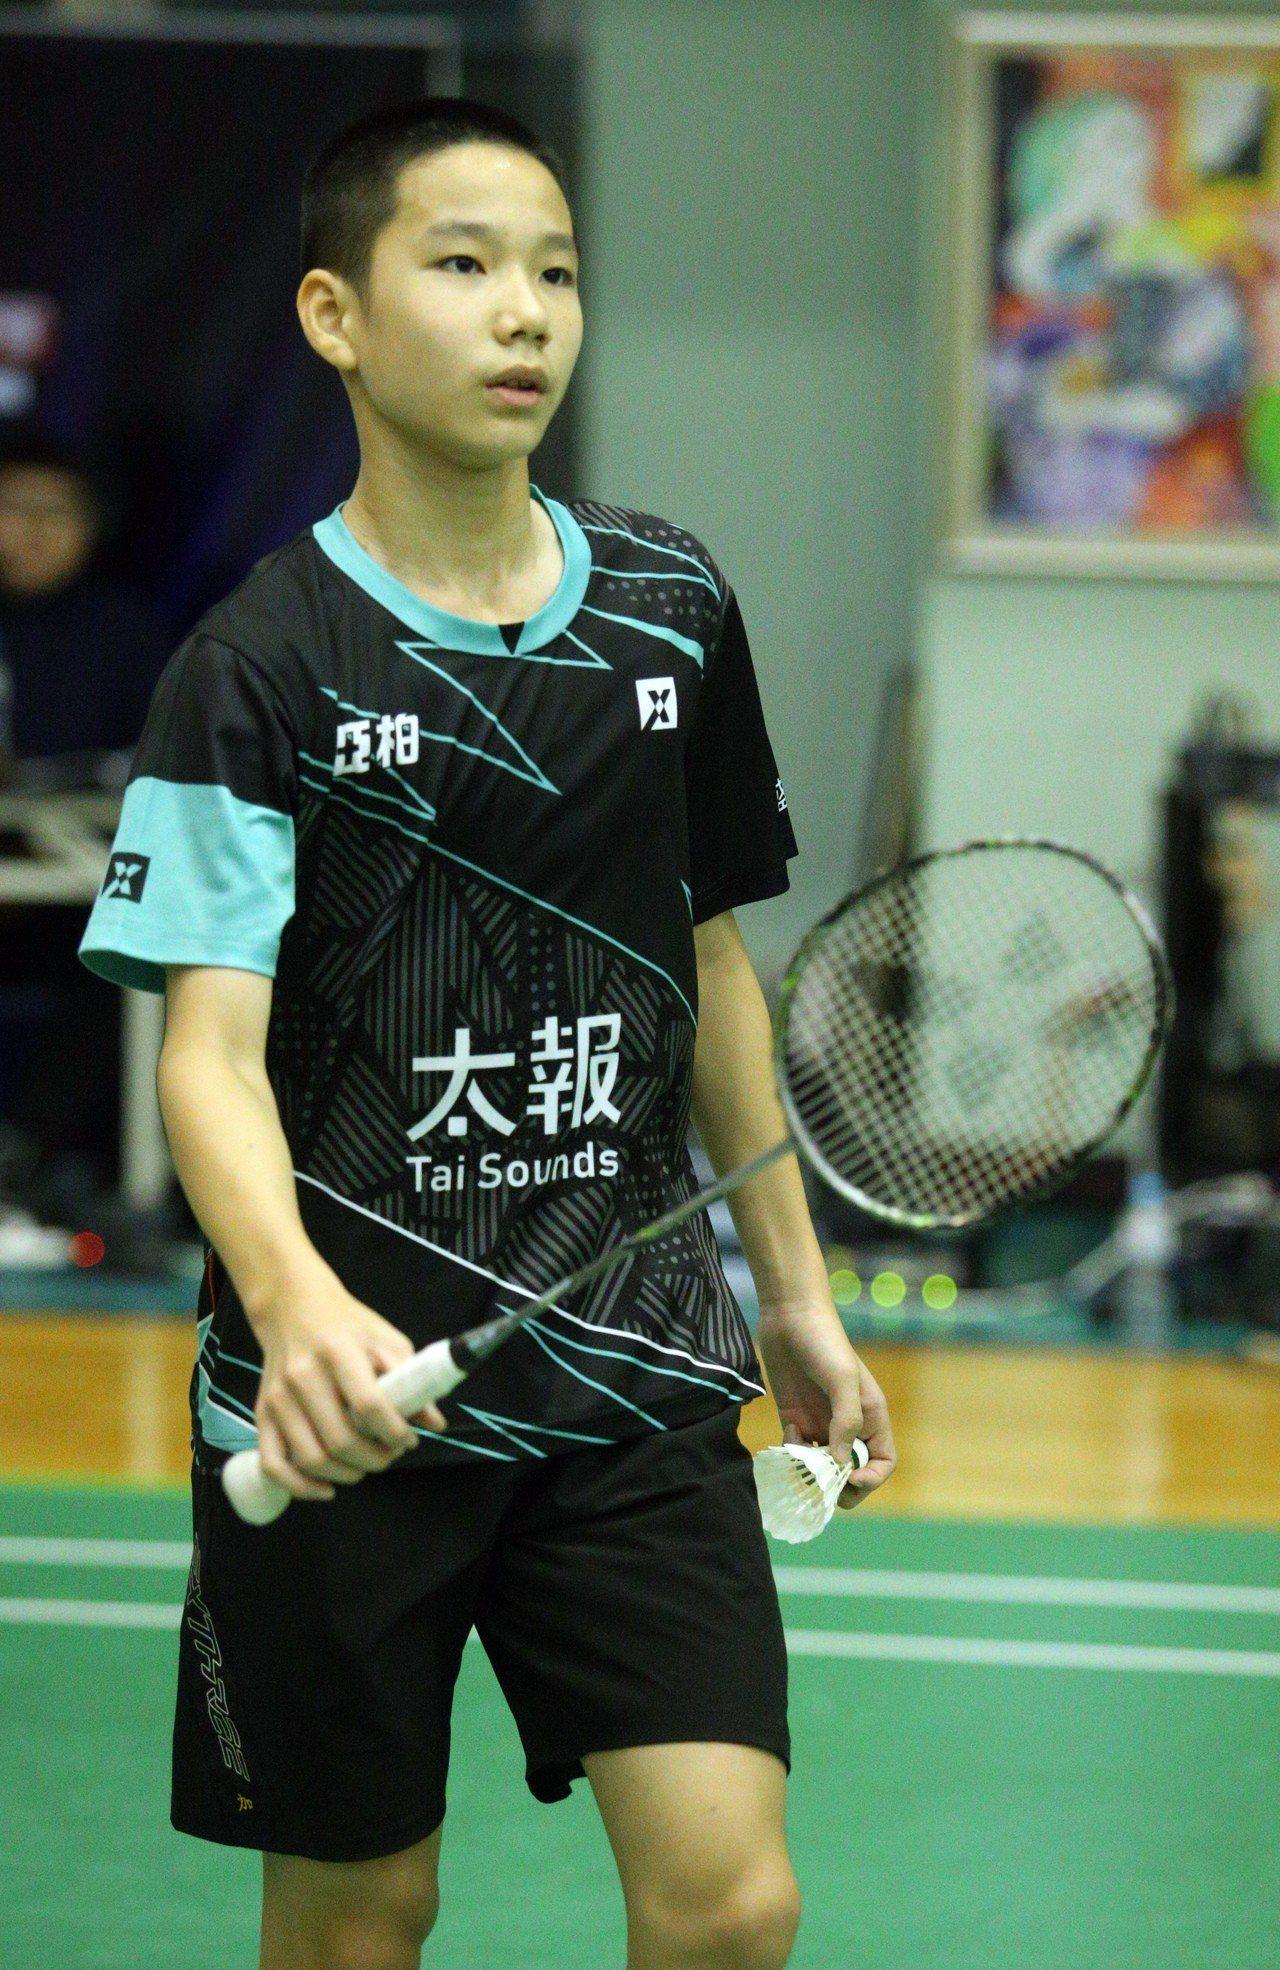 英明國中一年級小將朱宸加。記者劉學聖/攝影